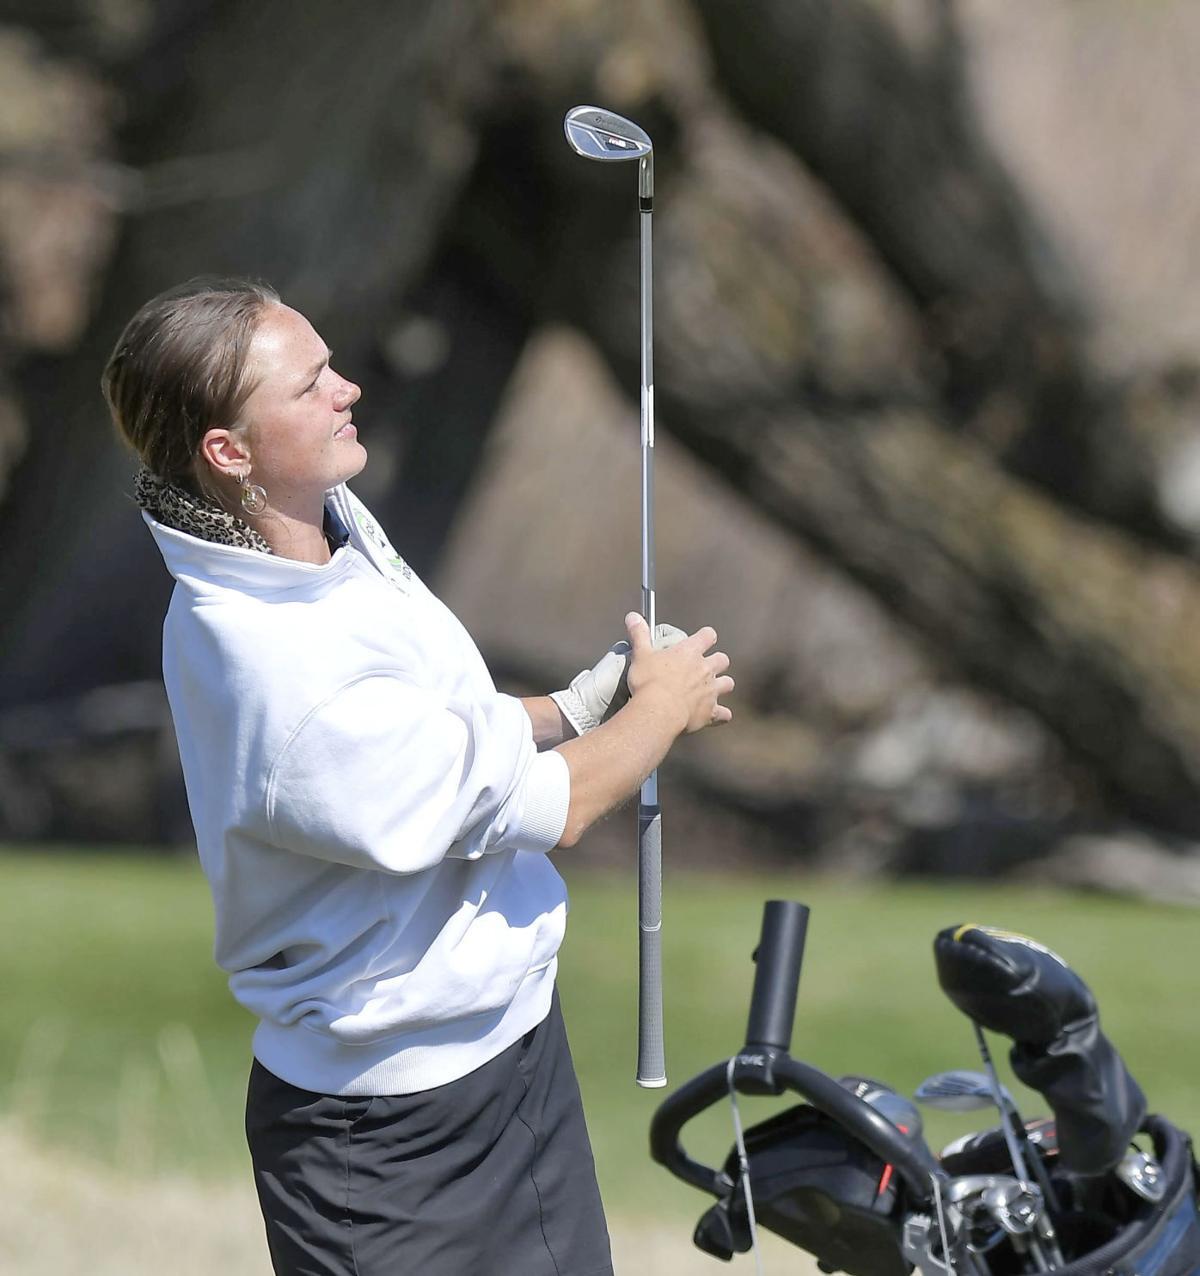 Ridgeline Golf